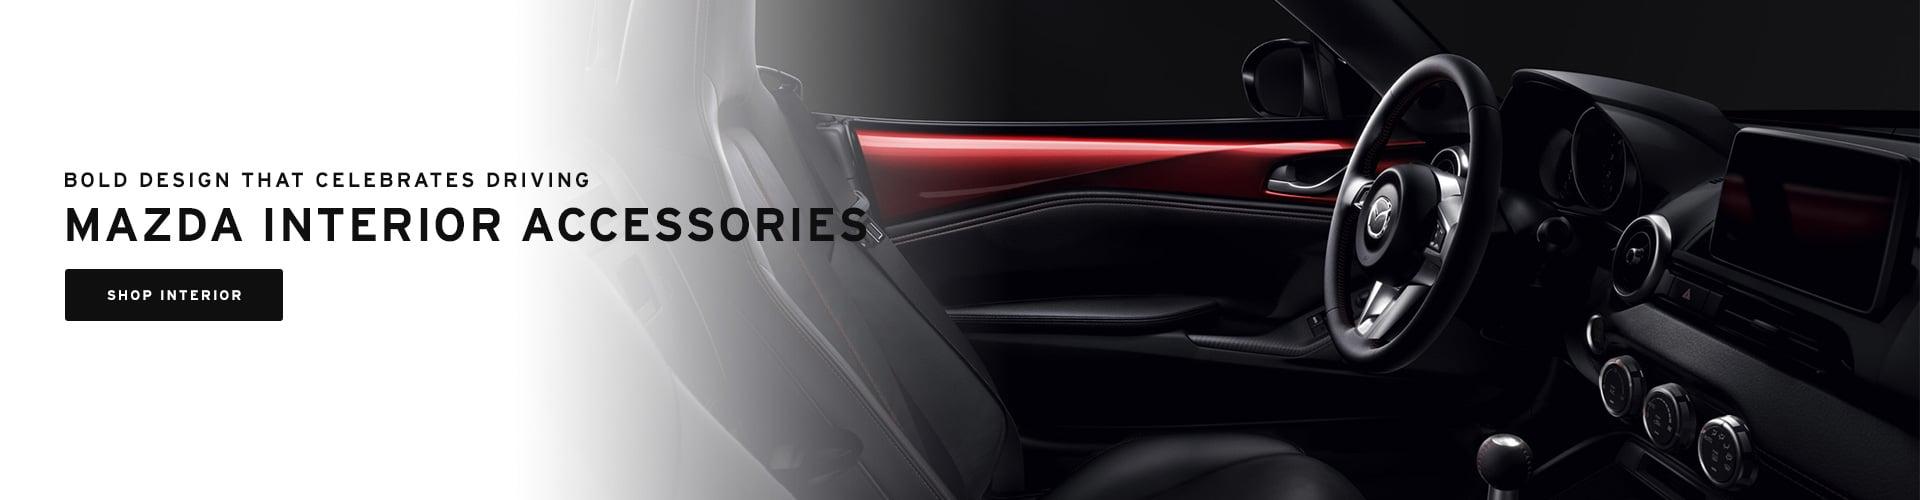 Mazda Interior Accessories